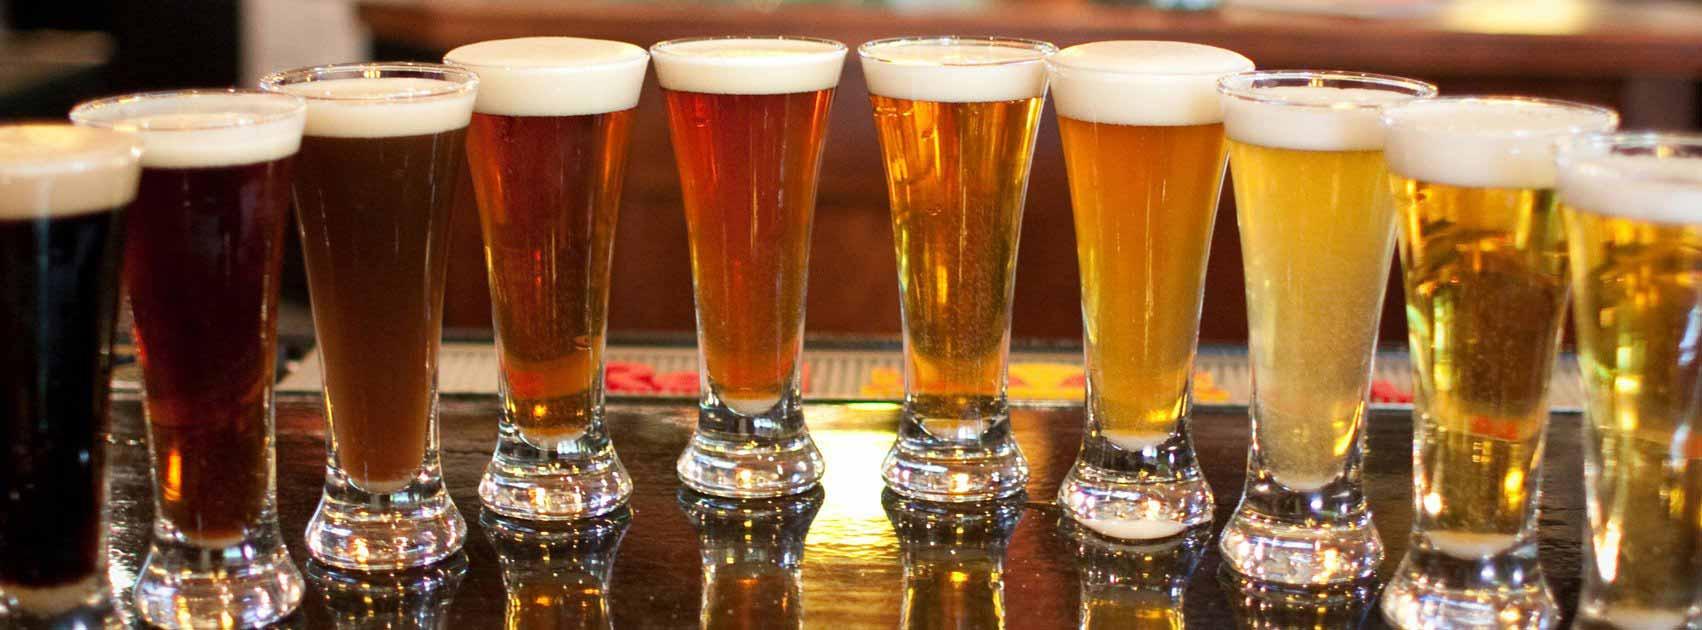 Кое би ви разхладило по-добре в разгара на летния сезон от качествена бира? Сега си представете толкова много видове бира на едно място!